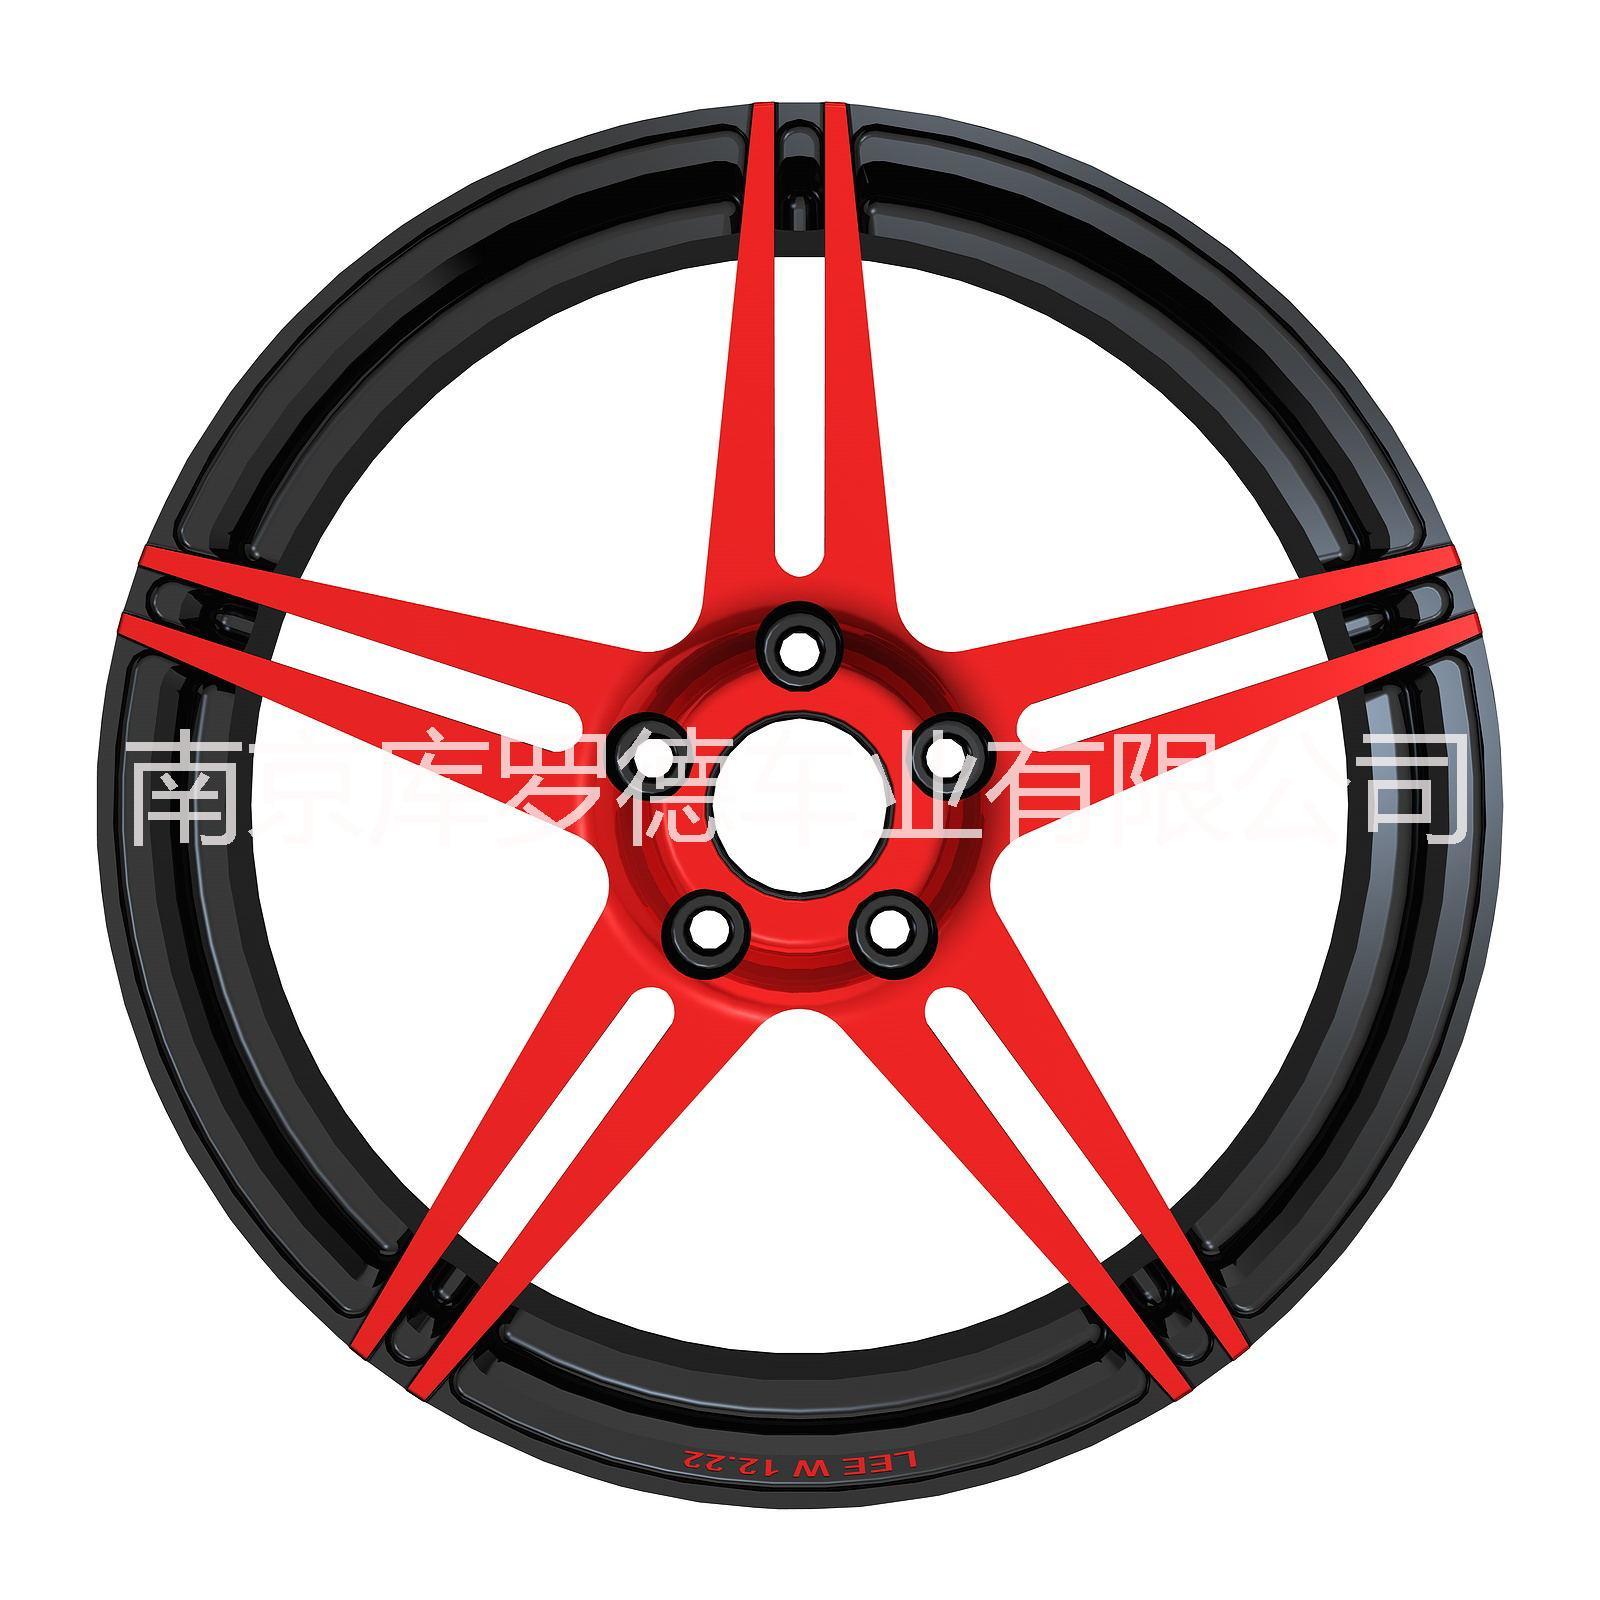 20寸锻造铝合金轮毂轿车1139 拉萨锻造铝合金轮毂轿车1139